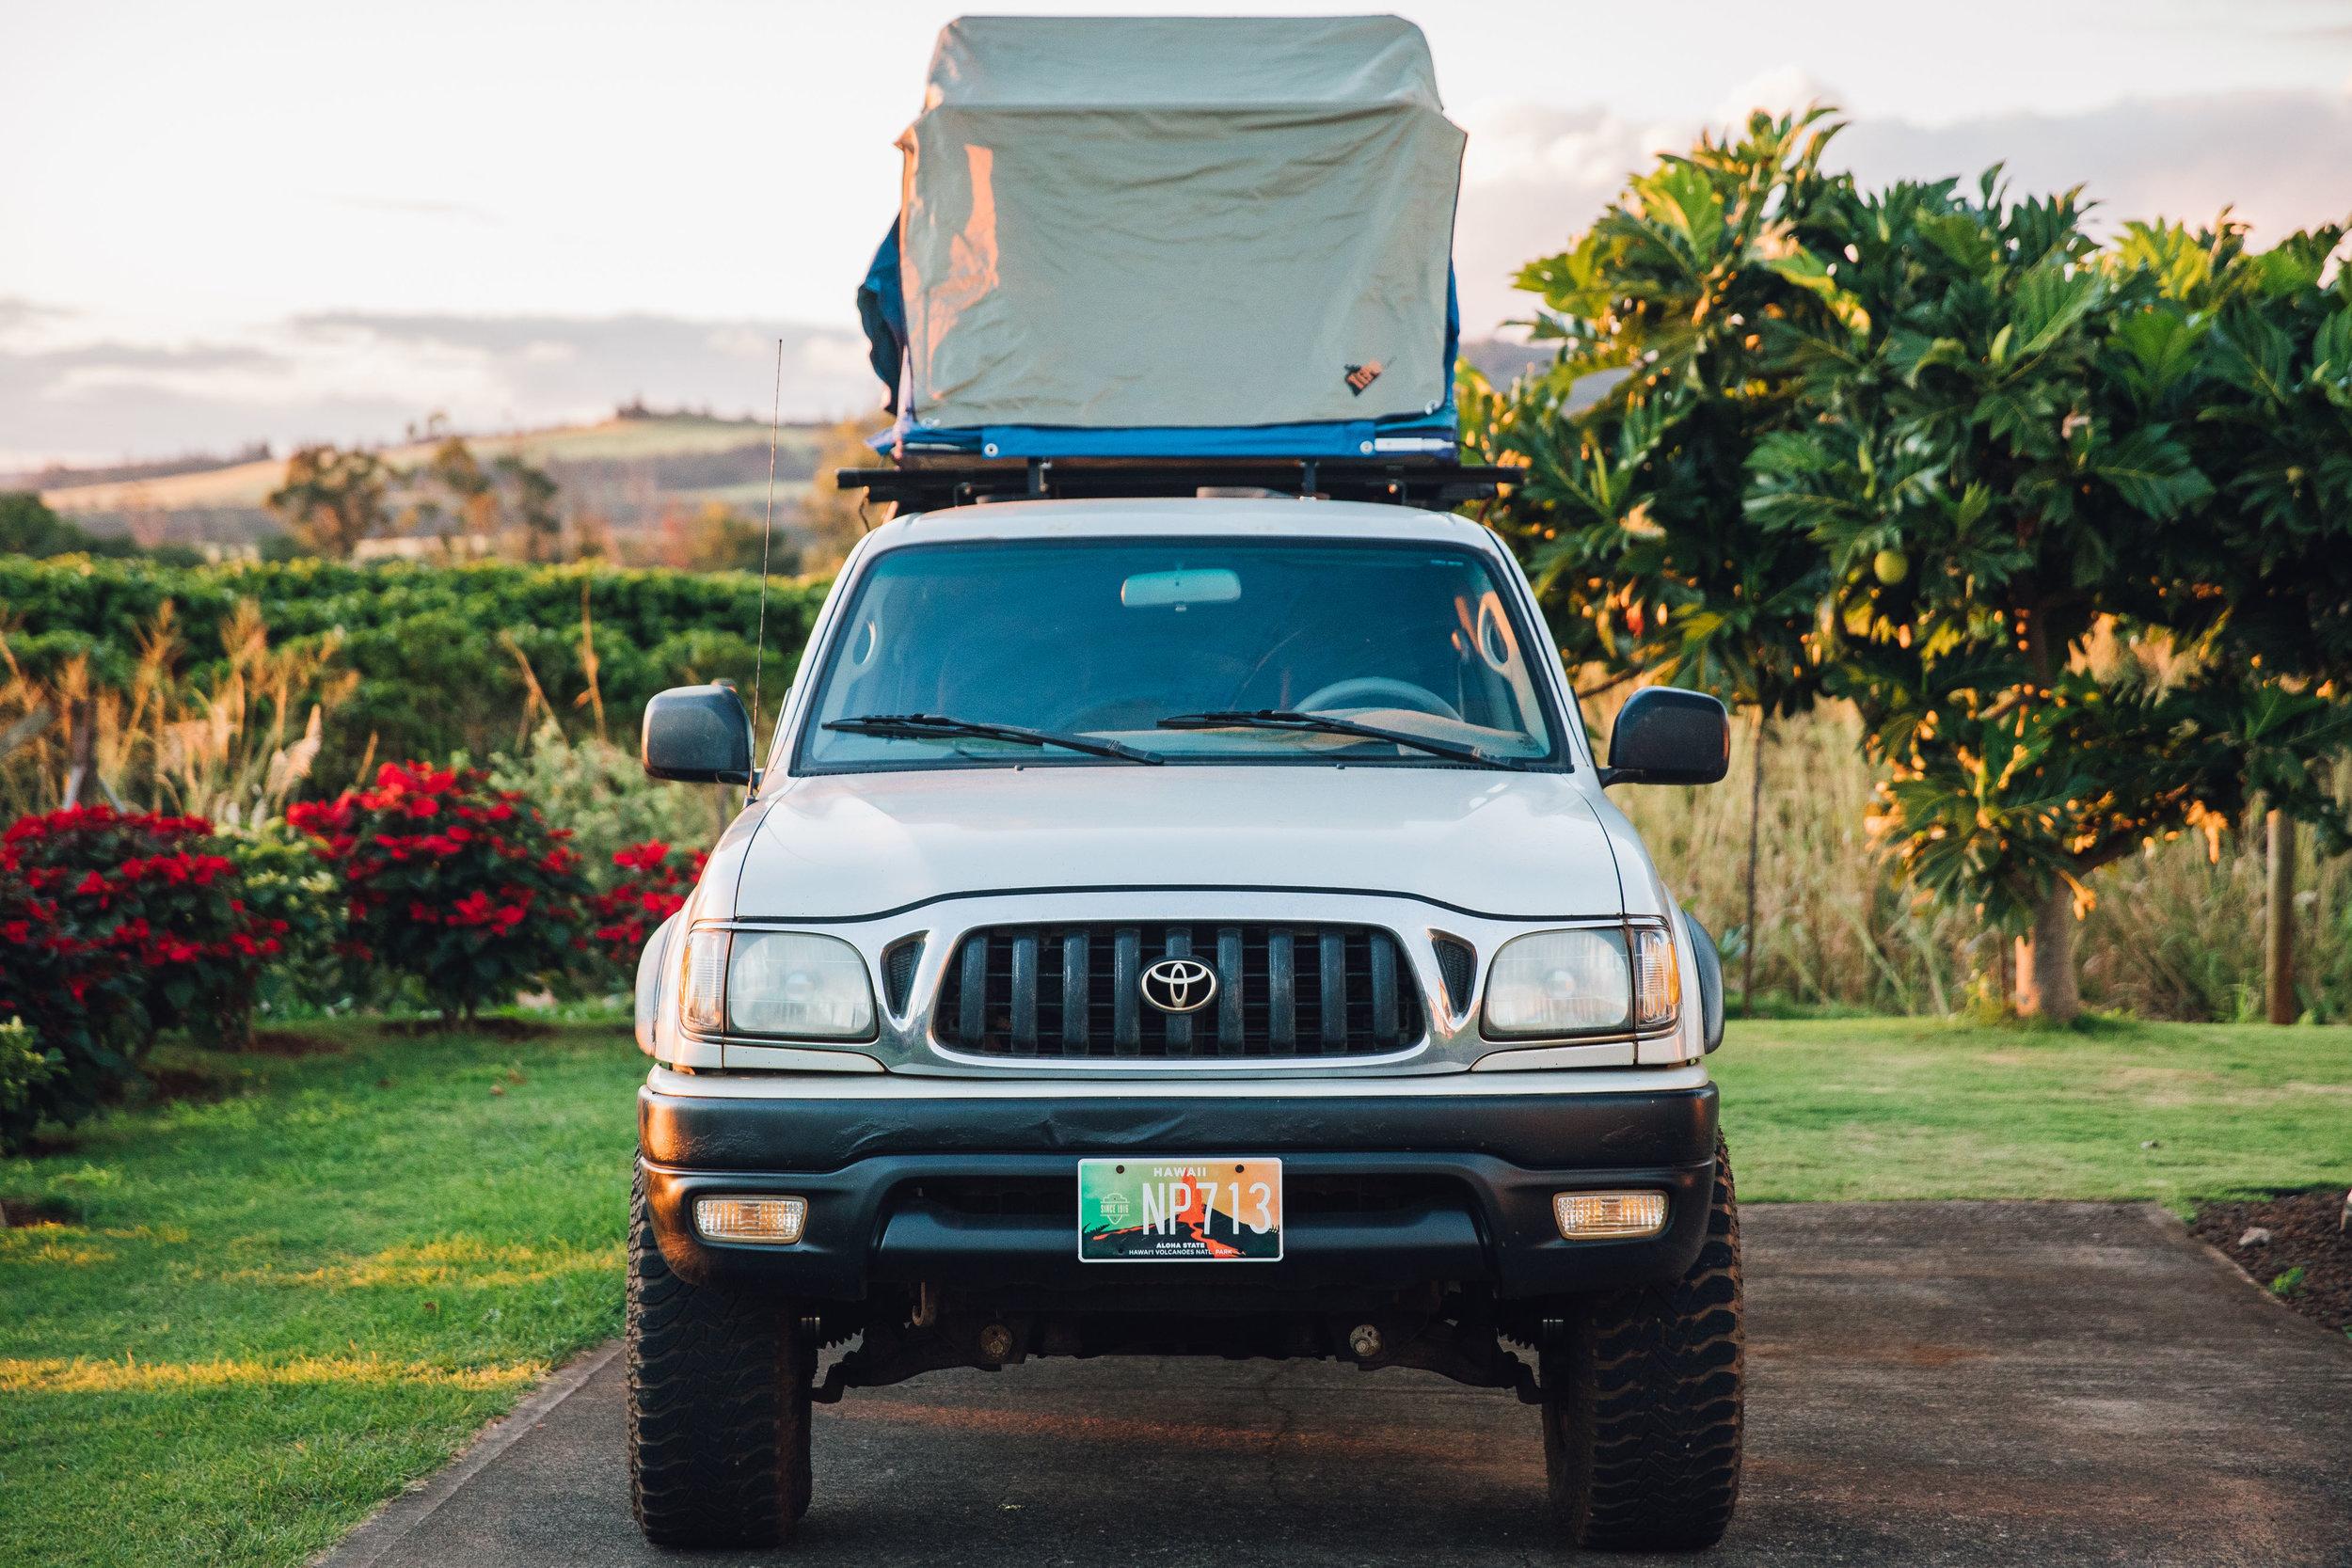 kauai overlander-camper-roof tent-adventure-hawaii-tacoma-toyota-tepui-2.jpg